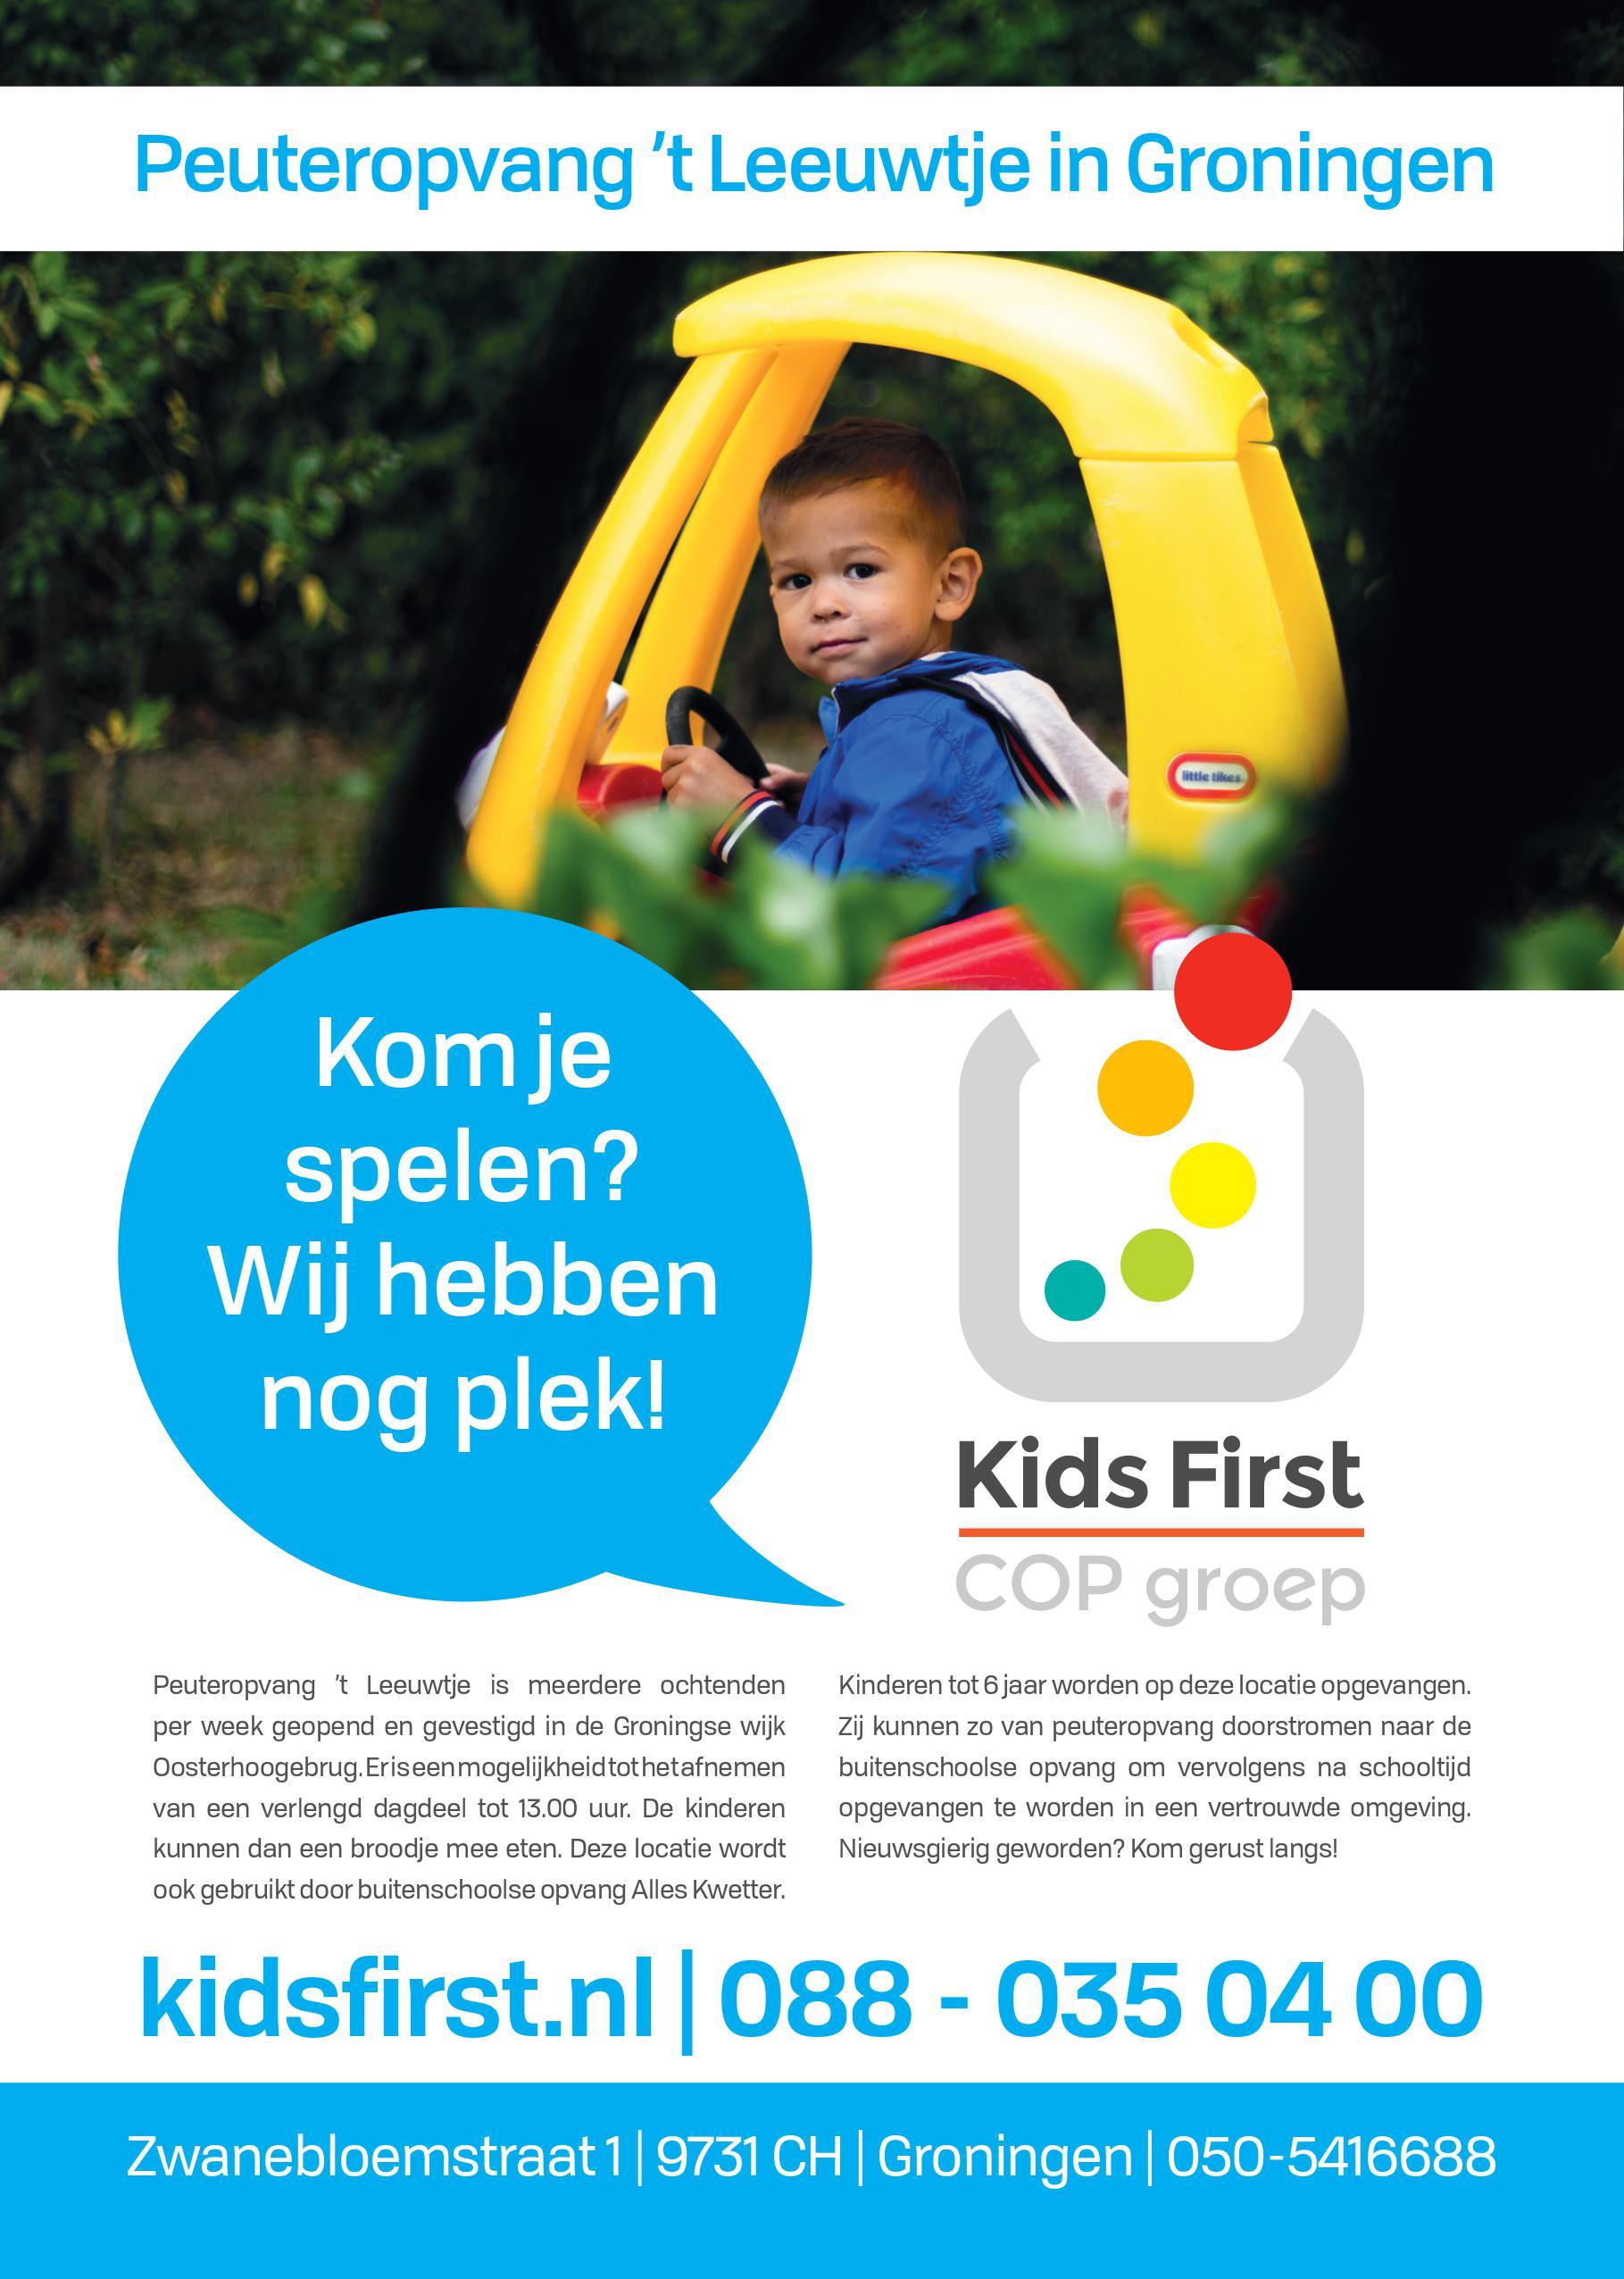 Flyer 't Leeuwtje Groningen- Kids First COP groep